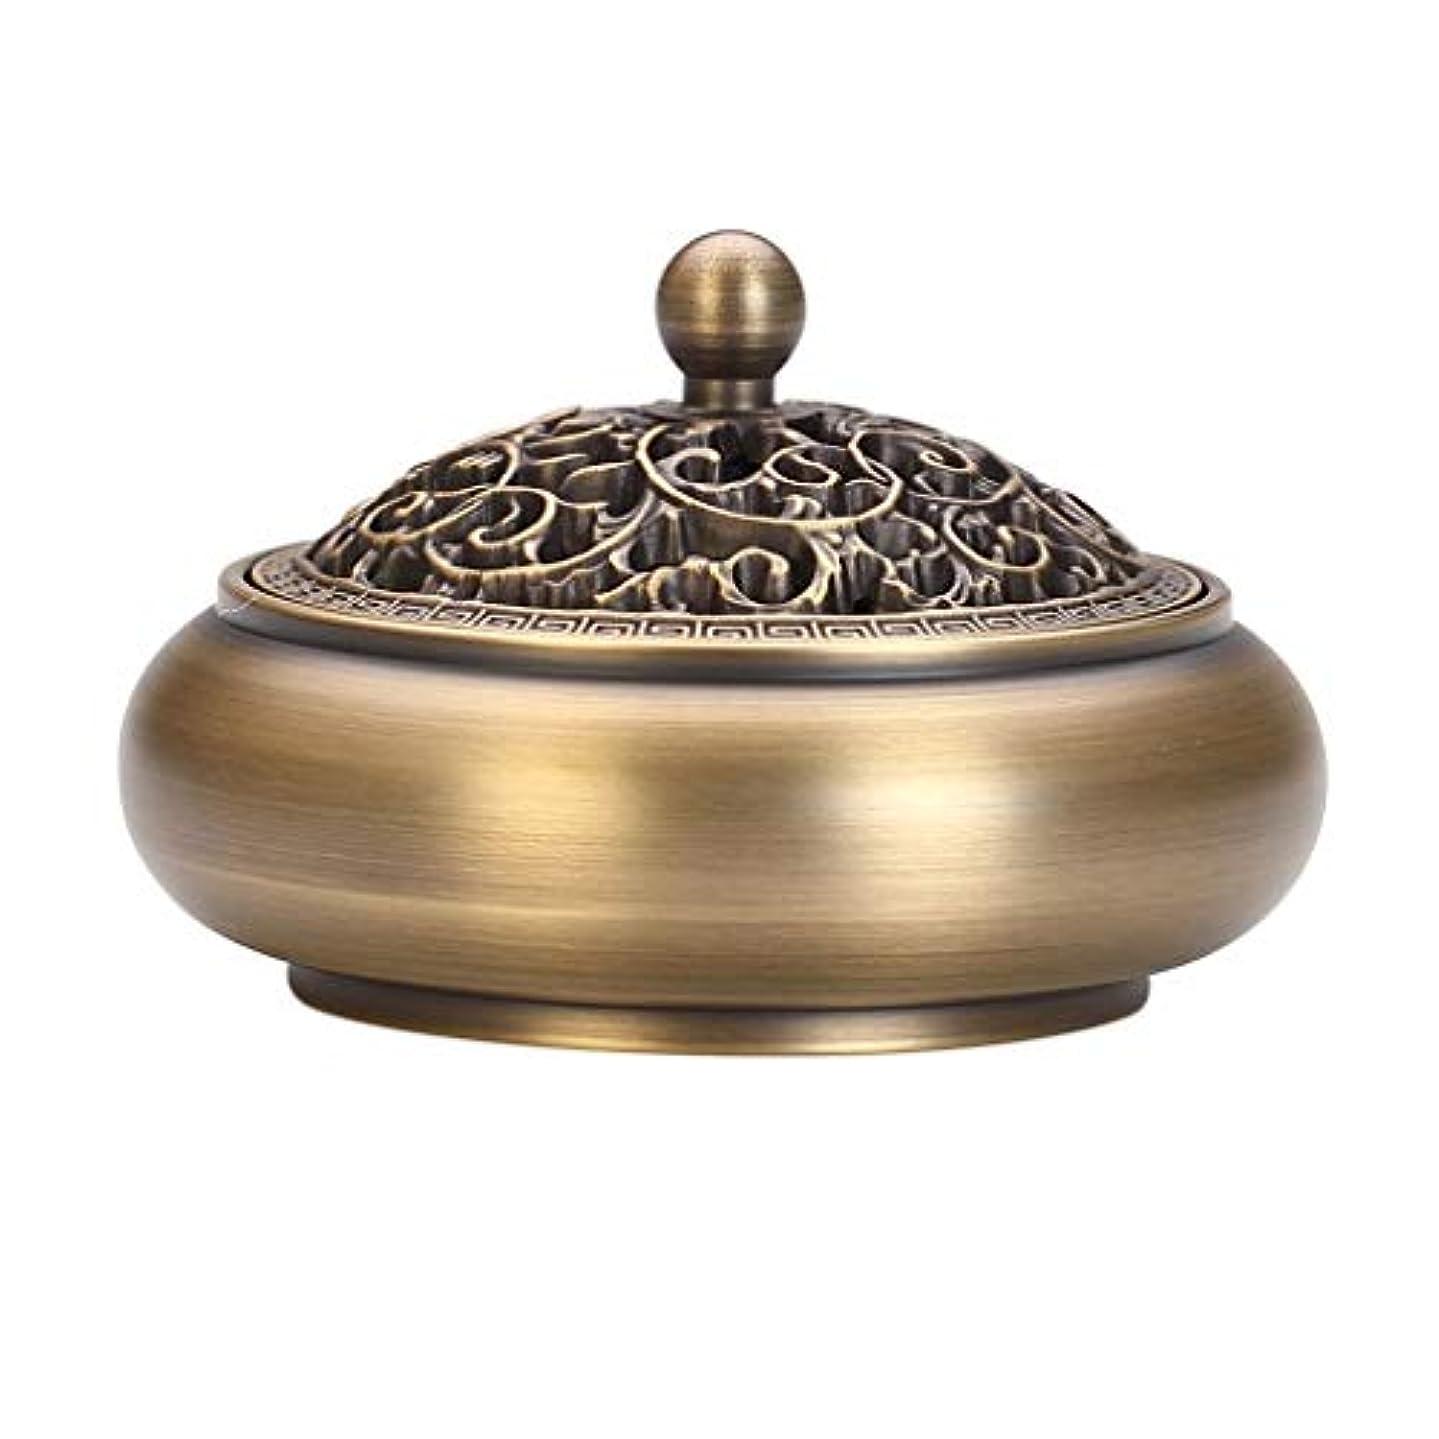 ズーム人気の傑作芳香器?アロマバーナー 純粋な銅香炉アンティーク家庭用浄化空気ディスク香バーナー寒天木材白檀炉 アロマバーナー (Color : Brass)